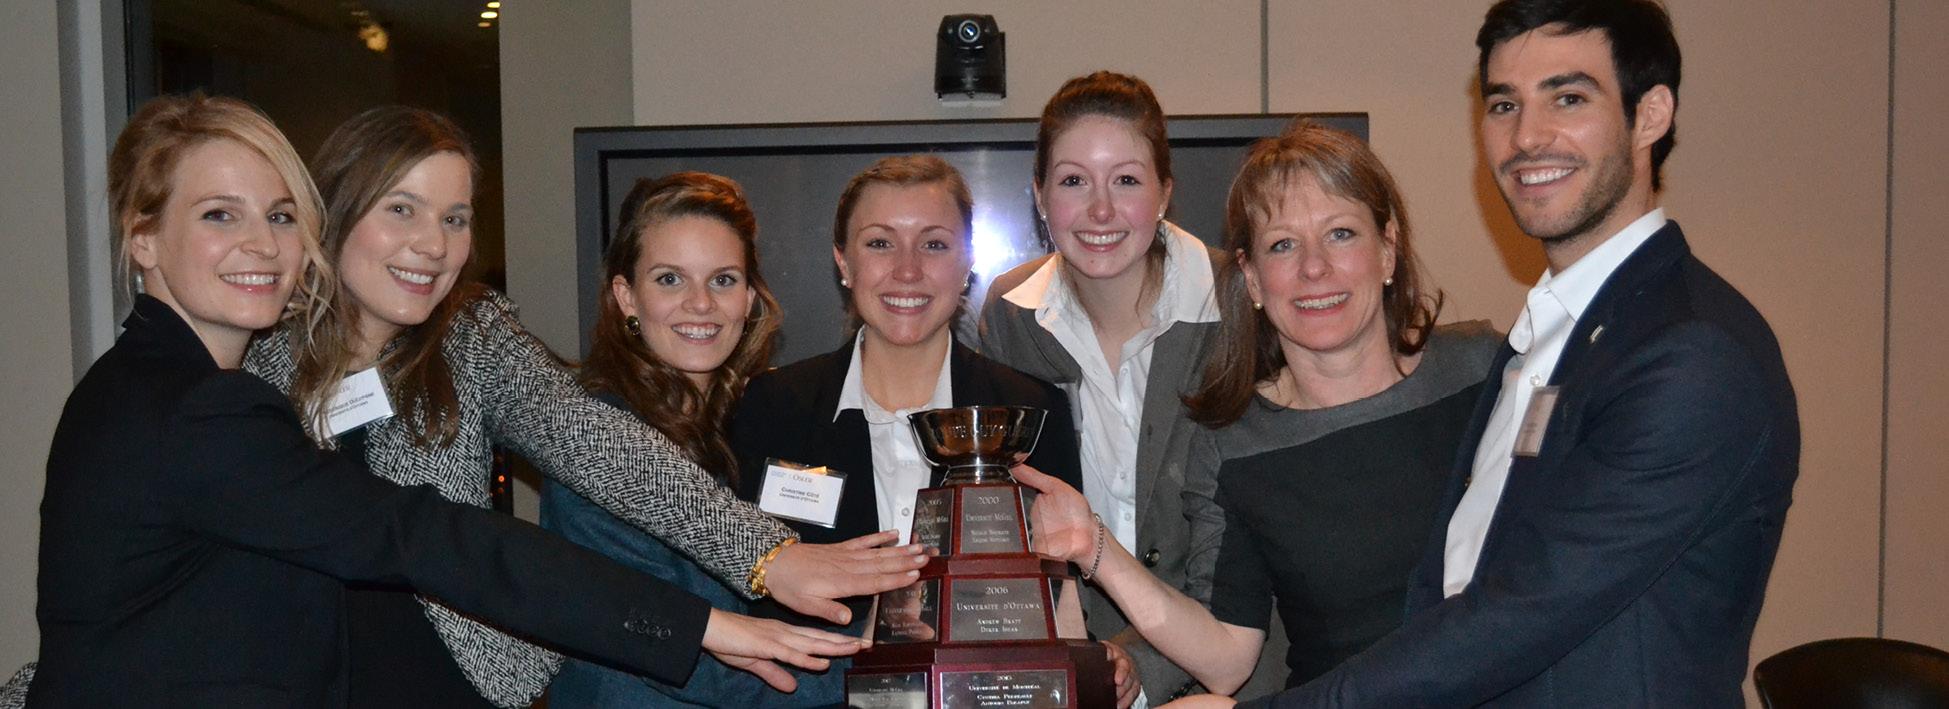 Photo de l'équipe du concours de plaidoirie Guy-Guérin tenant le trophée